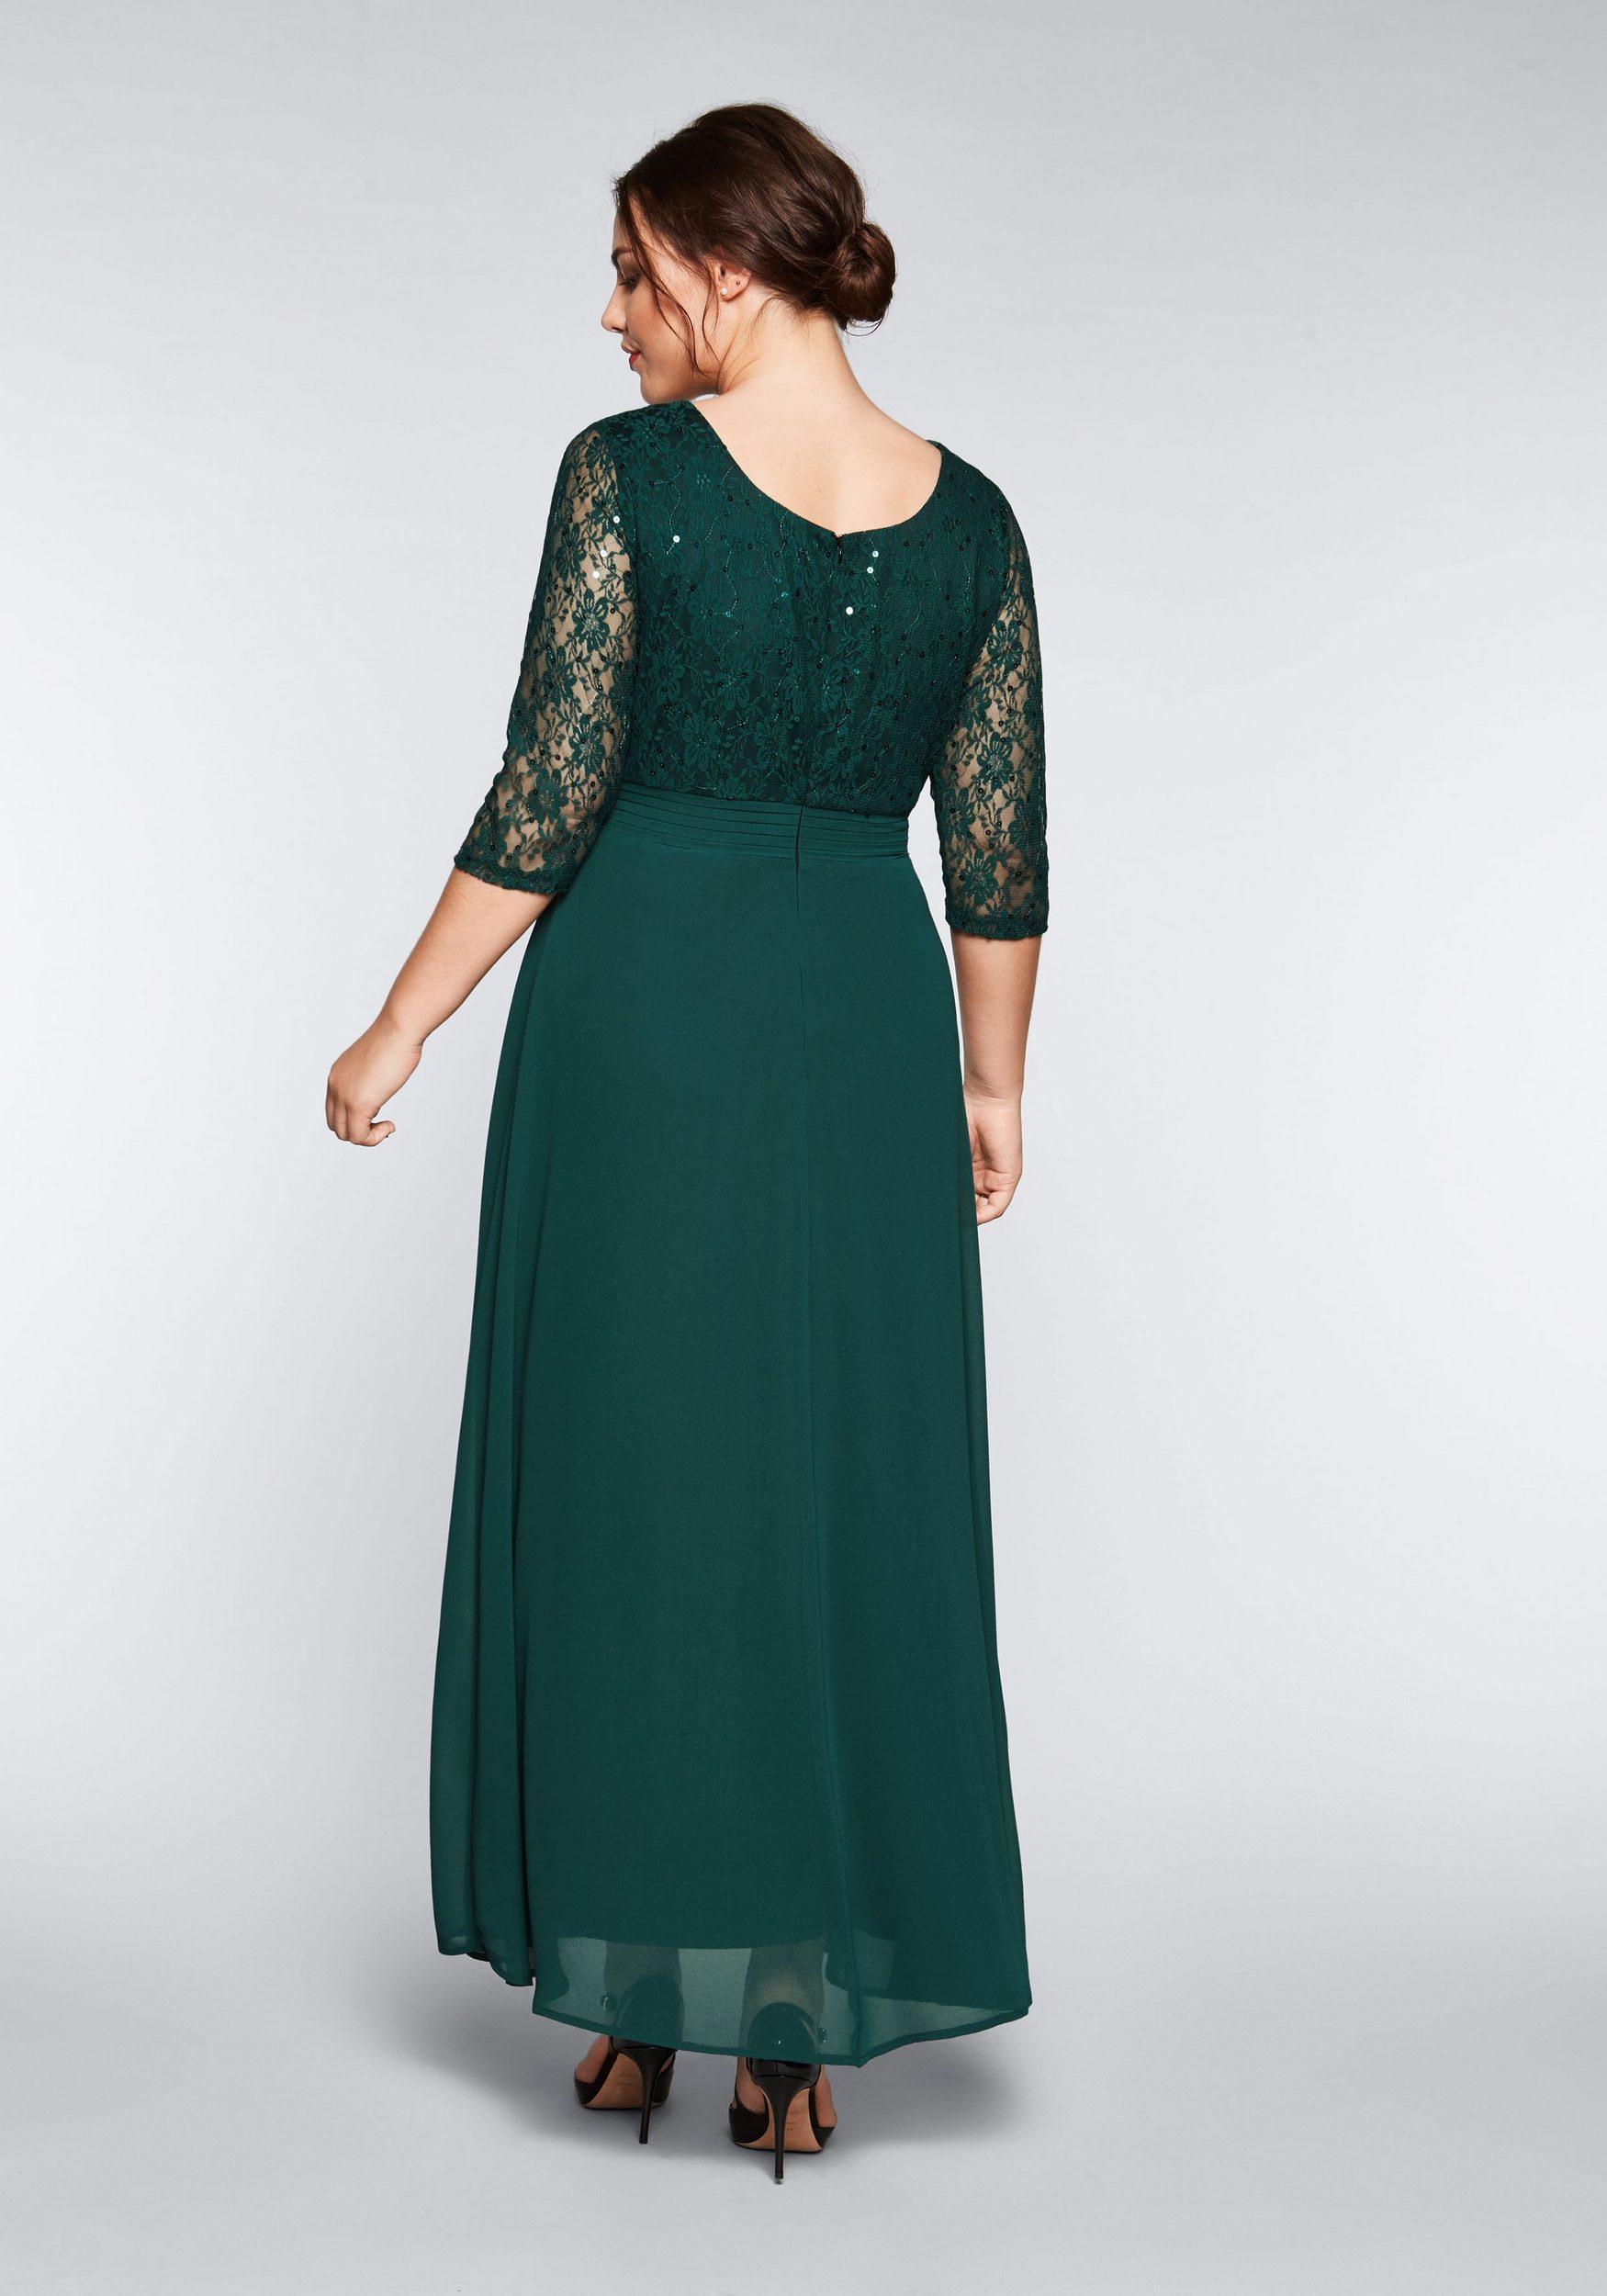 Formal Leicht Abendkleid 34 SpezialgebietDesigner Ausgezeichnet Abendkleid 34 Bester Preis